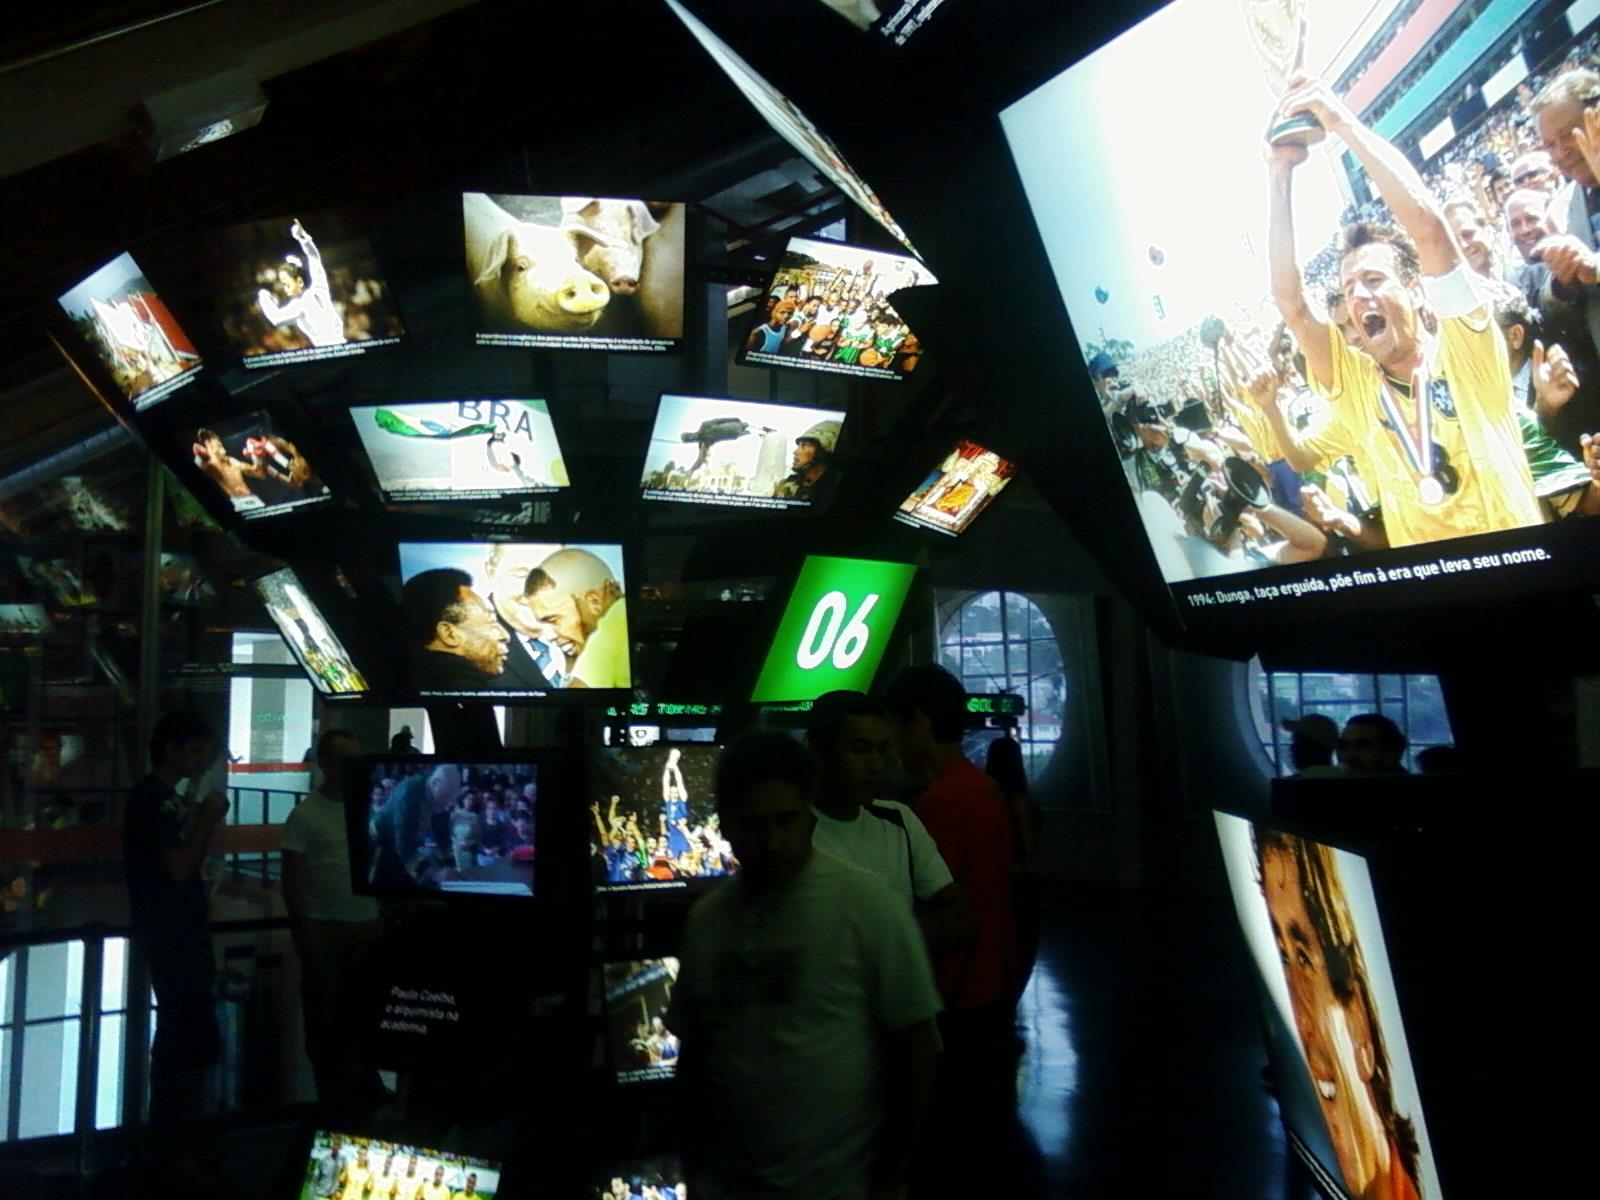 Roteiro cultural : O Museu do Futebol em São Paulo